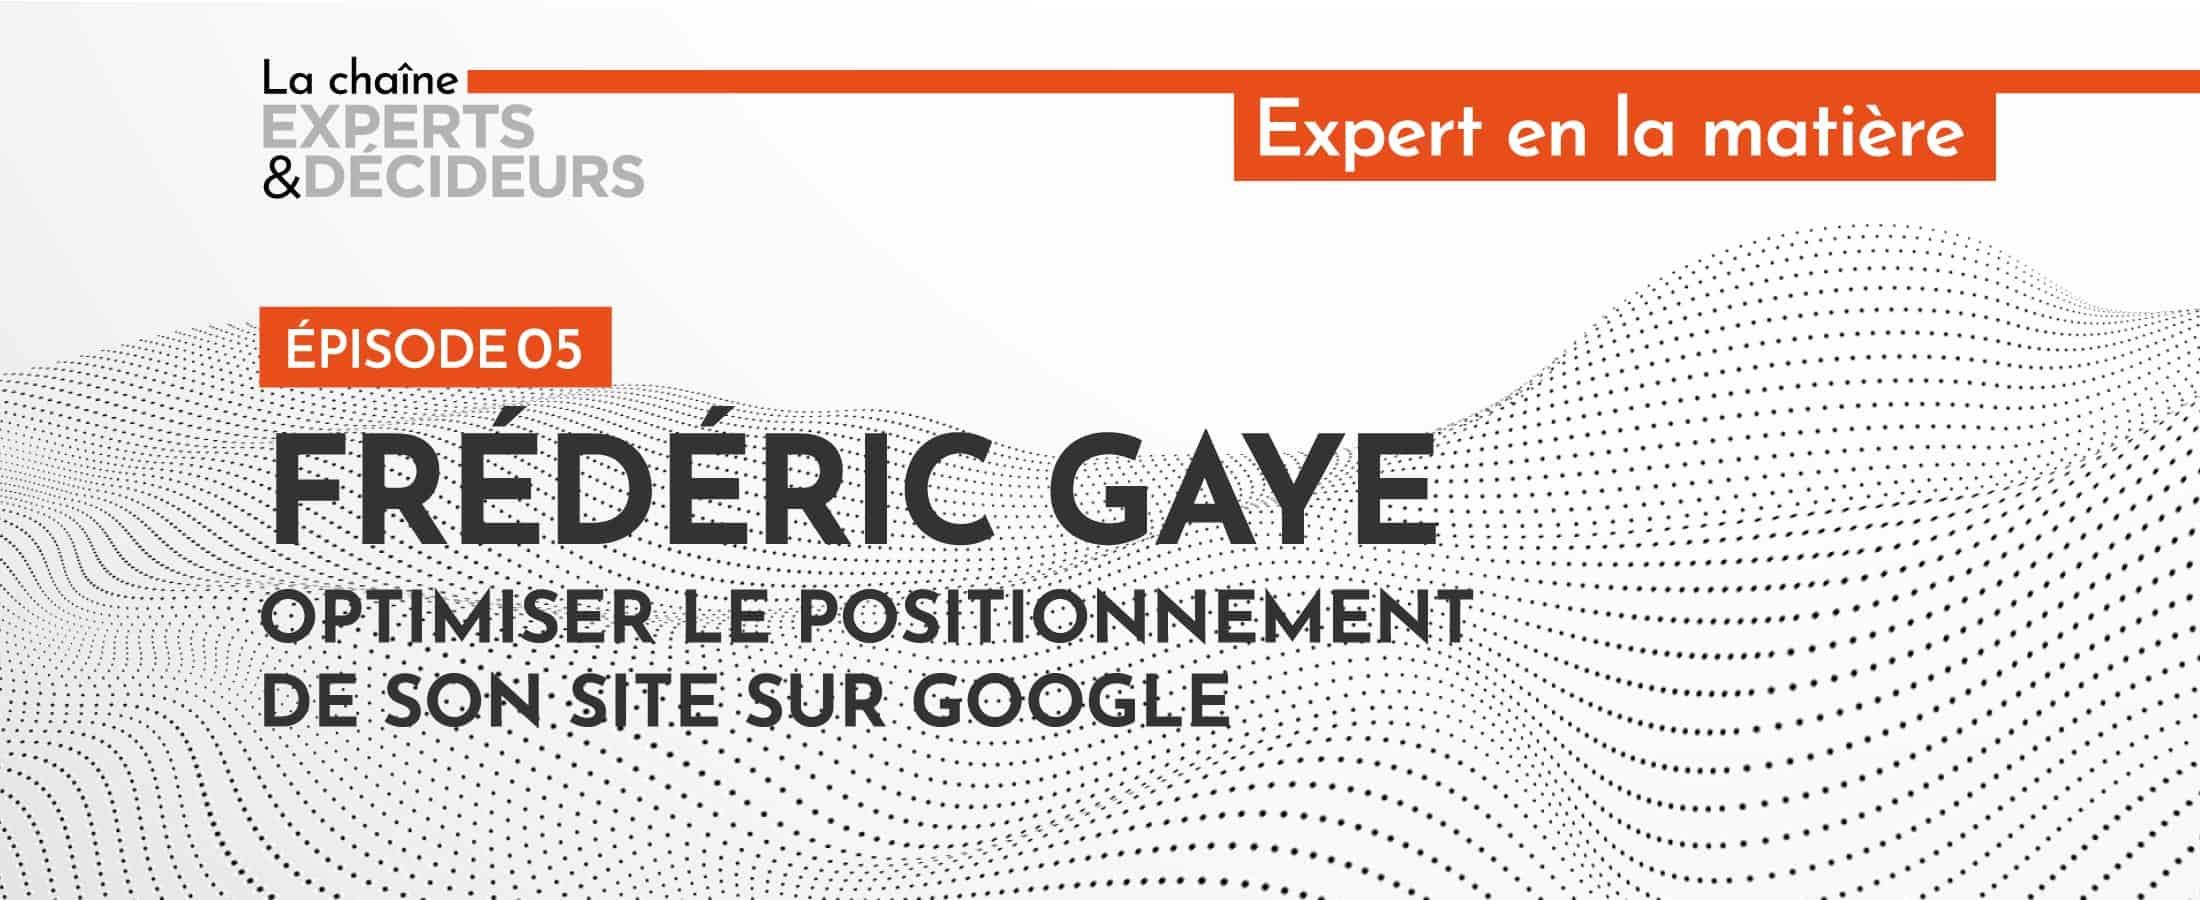 [Podcast] Frédéric Gaye : optimiser le positionnement de son site sur Google